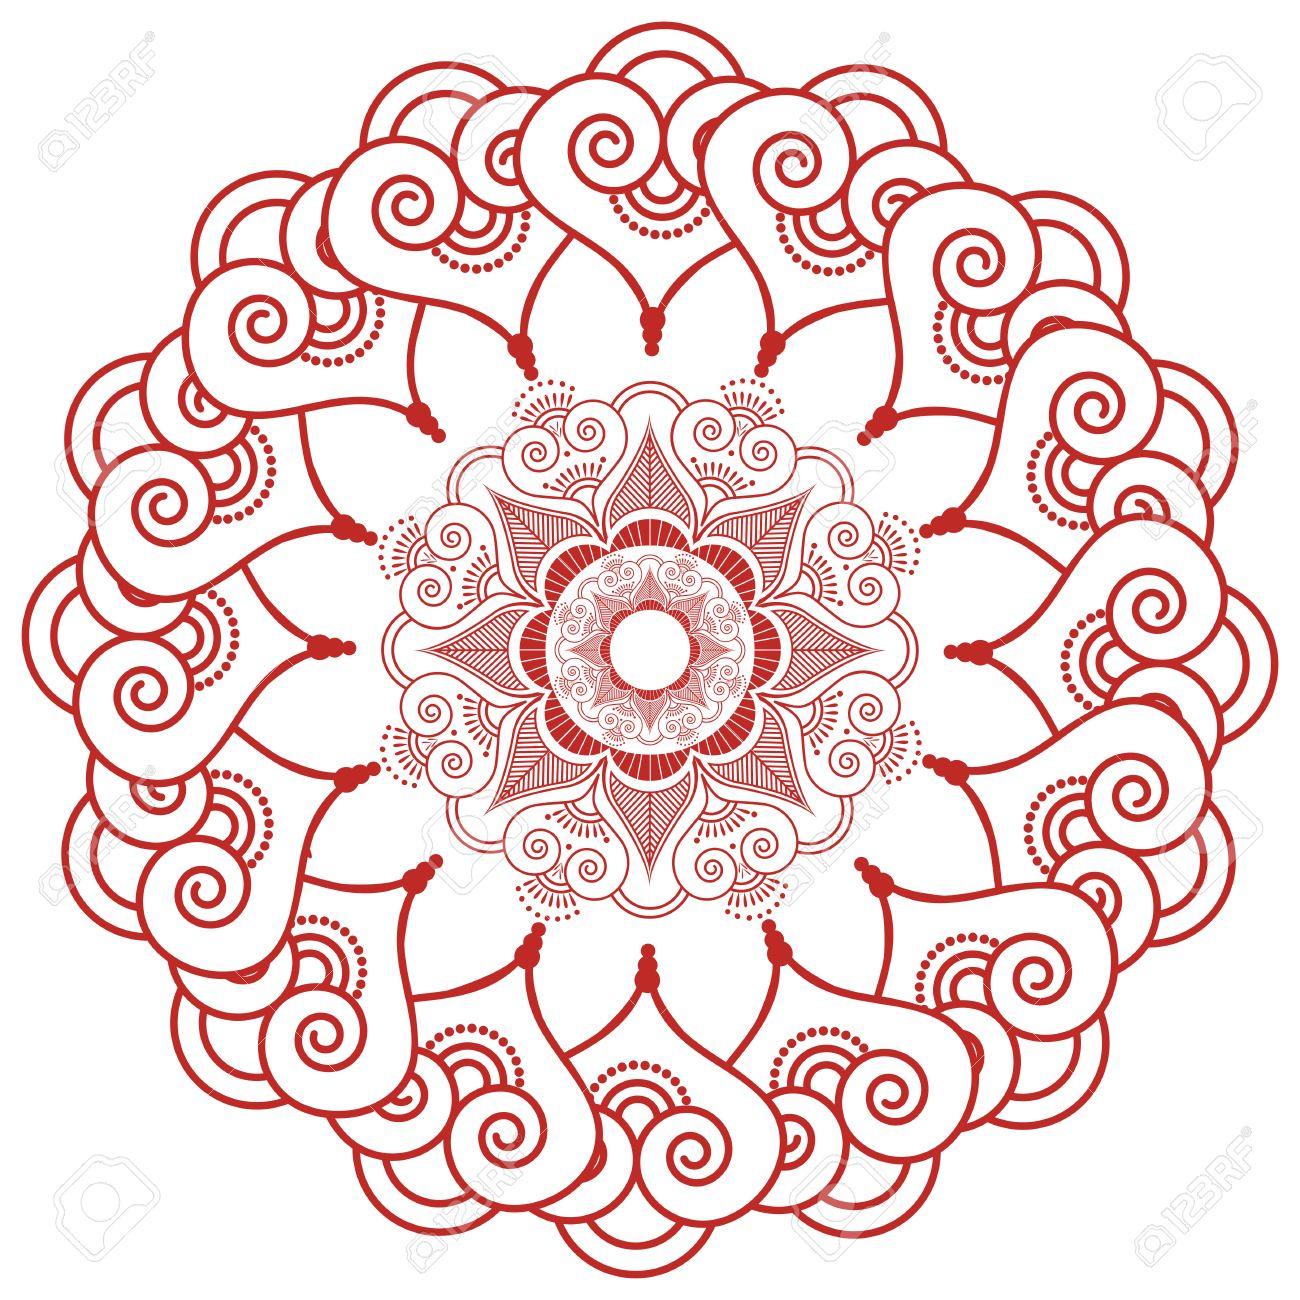 La Decoración Del Cordón De Tatuajes De Henna Mandala De Maquillaje